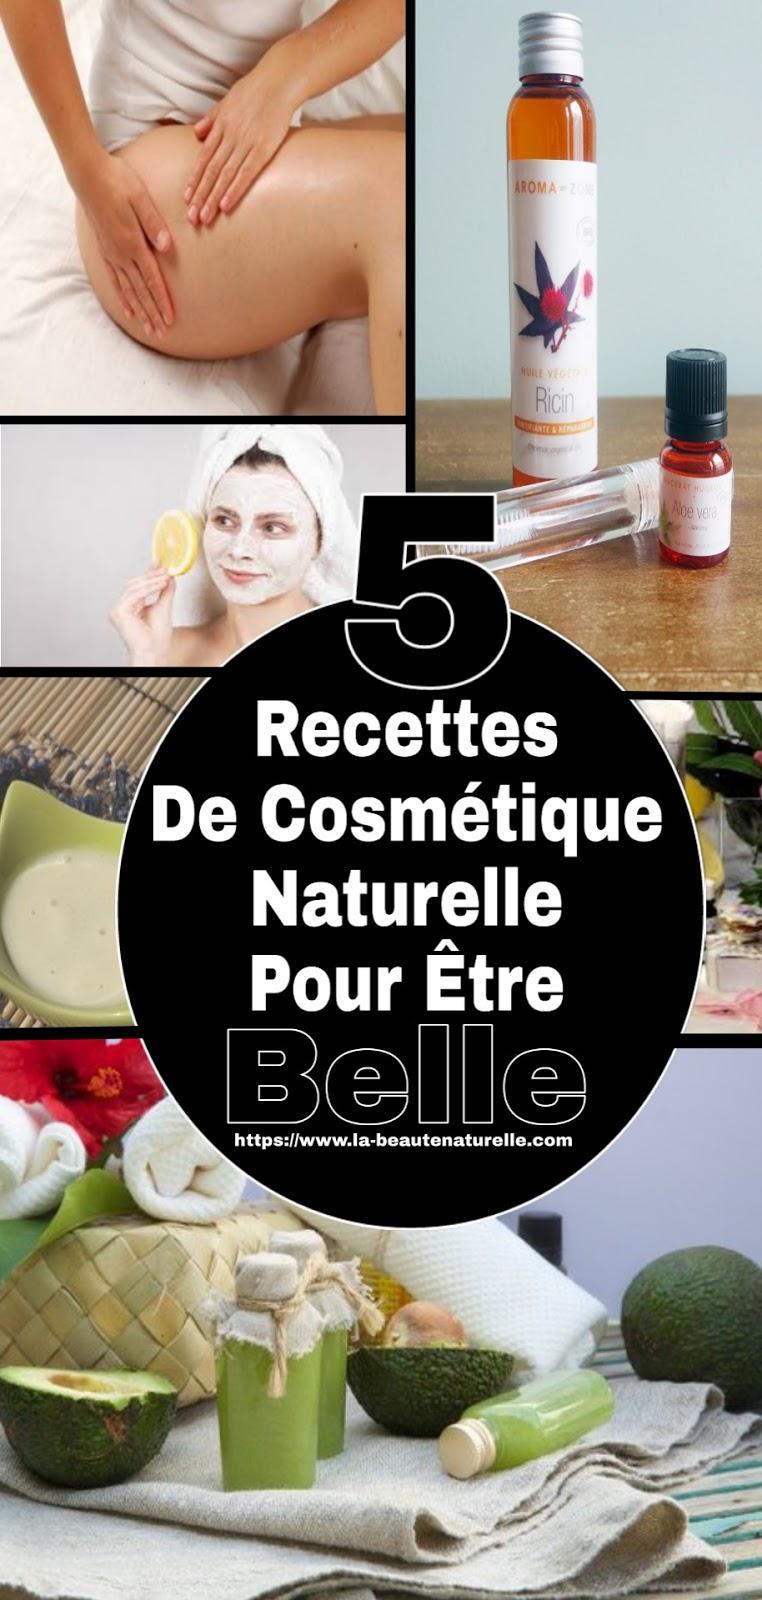 5 Recettes De Cosmétique Naturelle Pour Être Belle